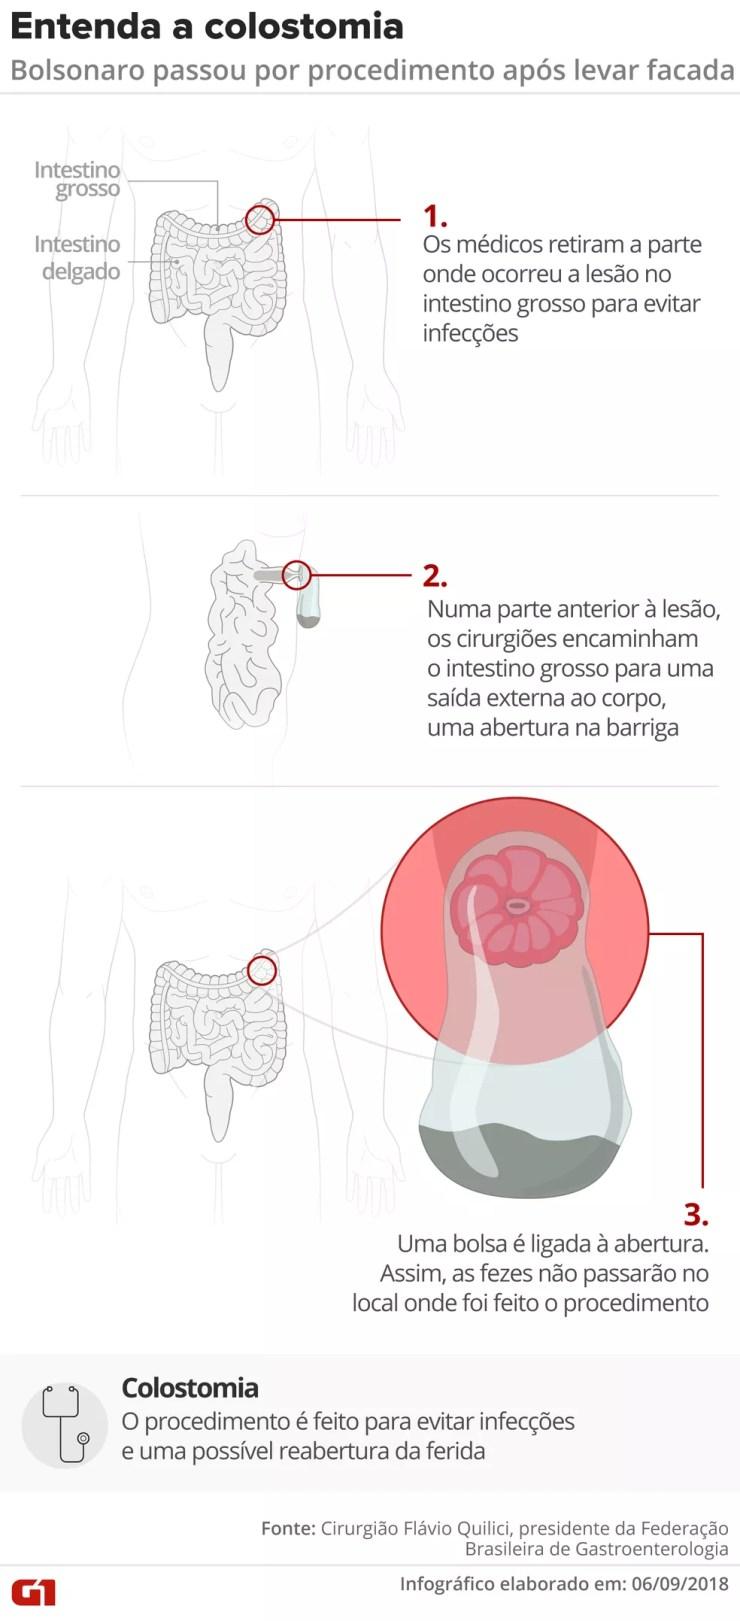 Colostomia: entenda o procedimento pelo qual passou Bolsonaro — Foto: Igor Estrella e Alexandre Mauro/G1